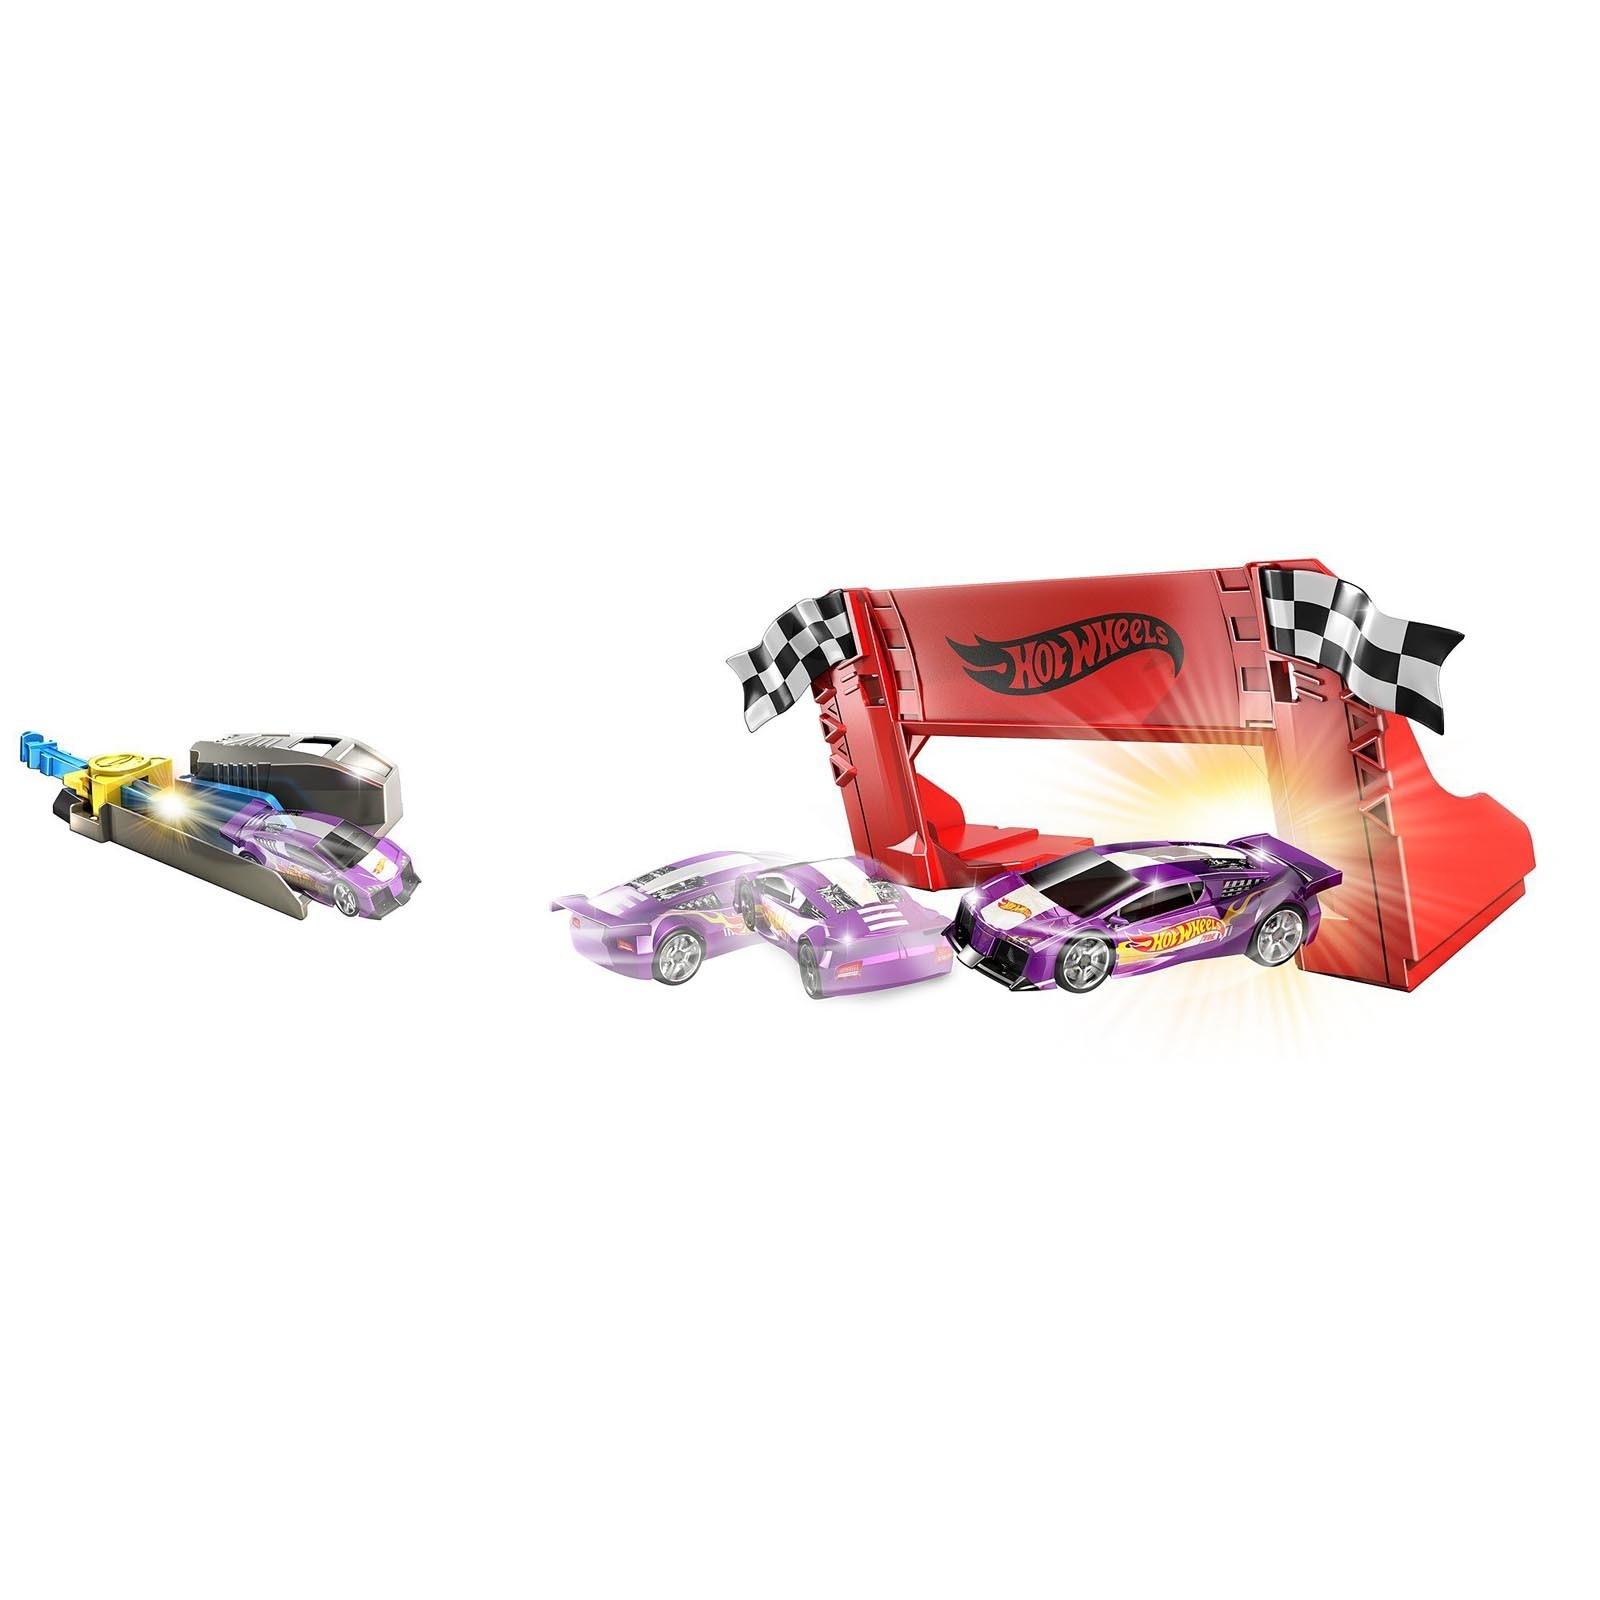 Pista Hot Wheels - Rei do Drift - Drift King - Action - DYM04